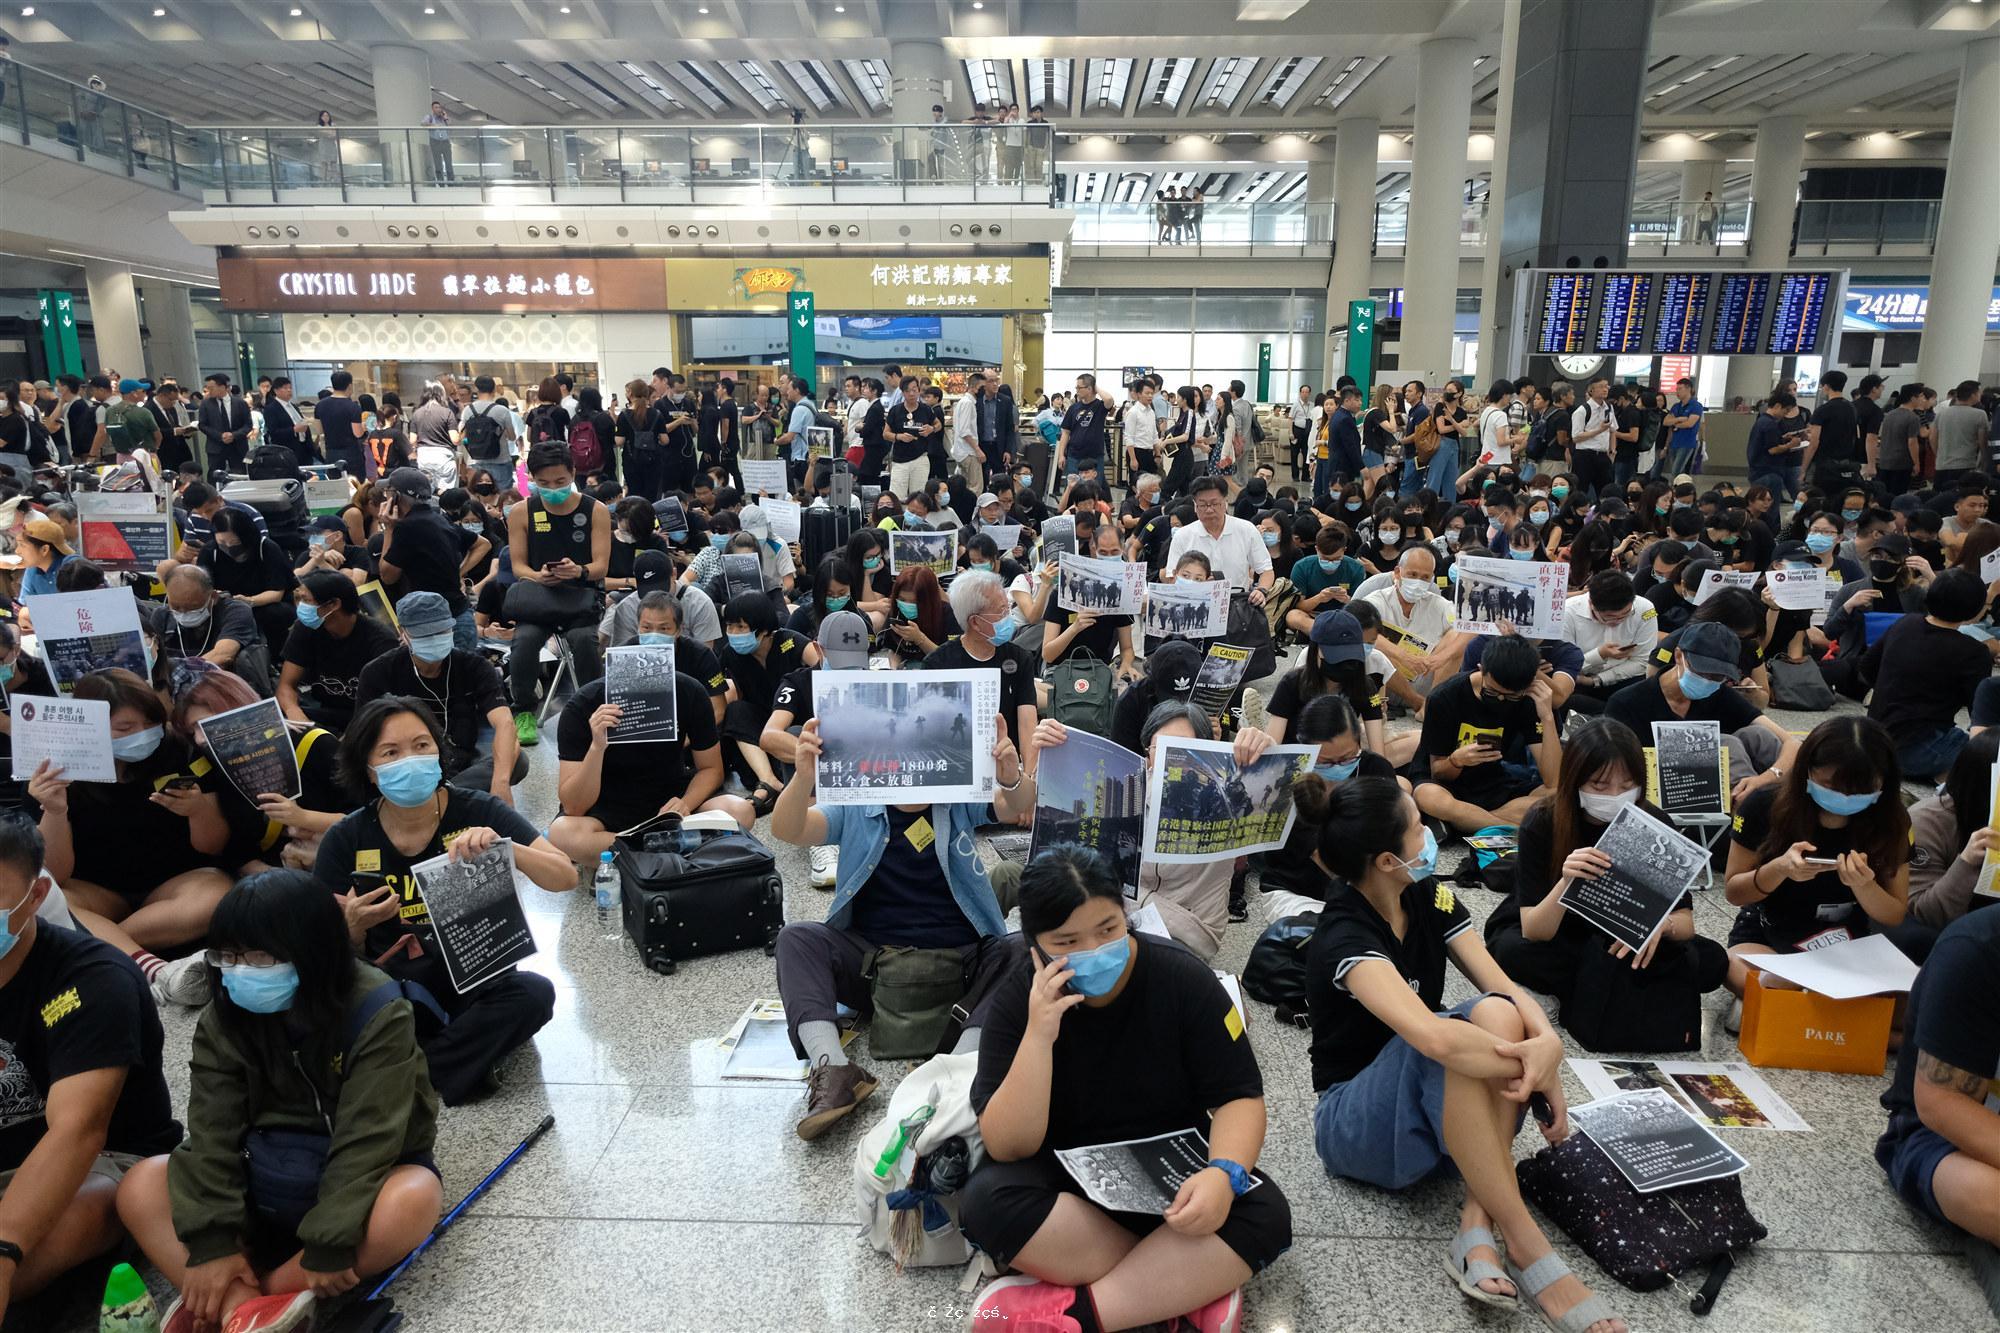 阻往香港人揾食,打殘香港經濟,破壞香港美好聲譽,該當何罪?